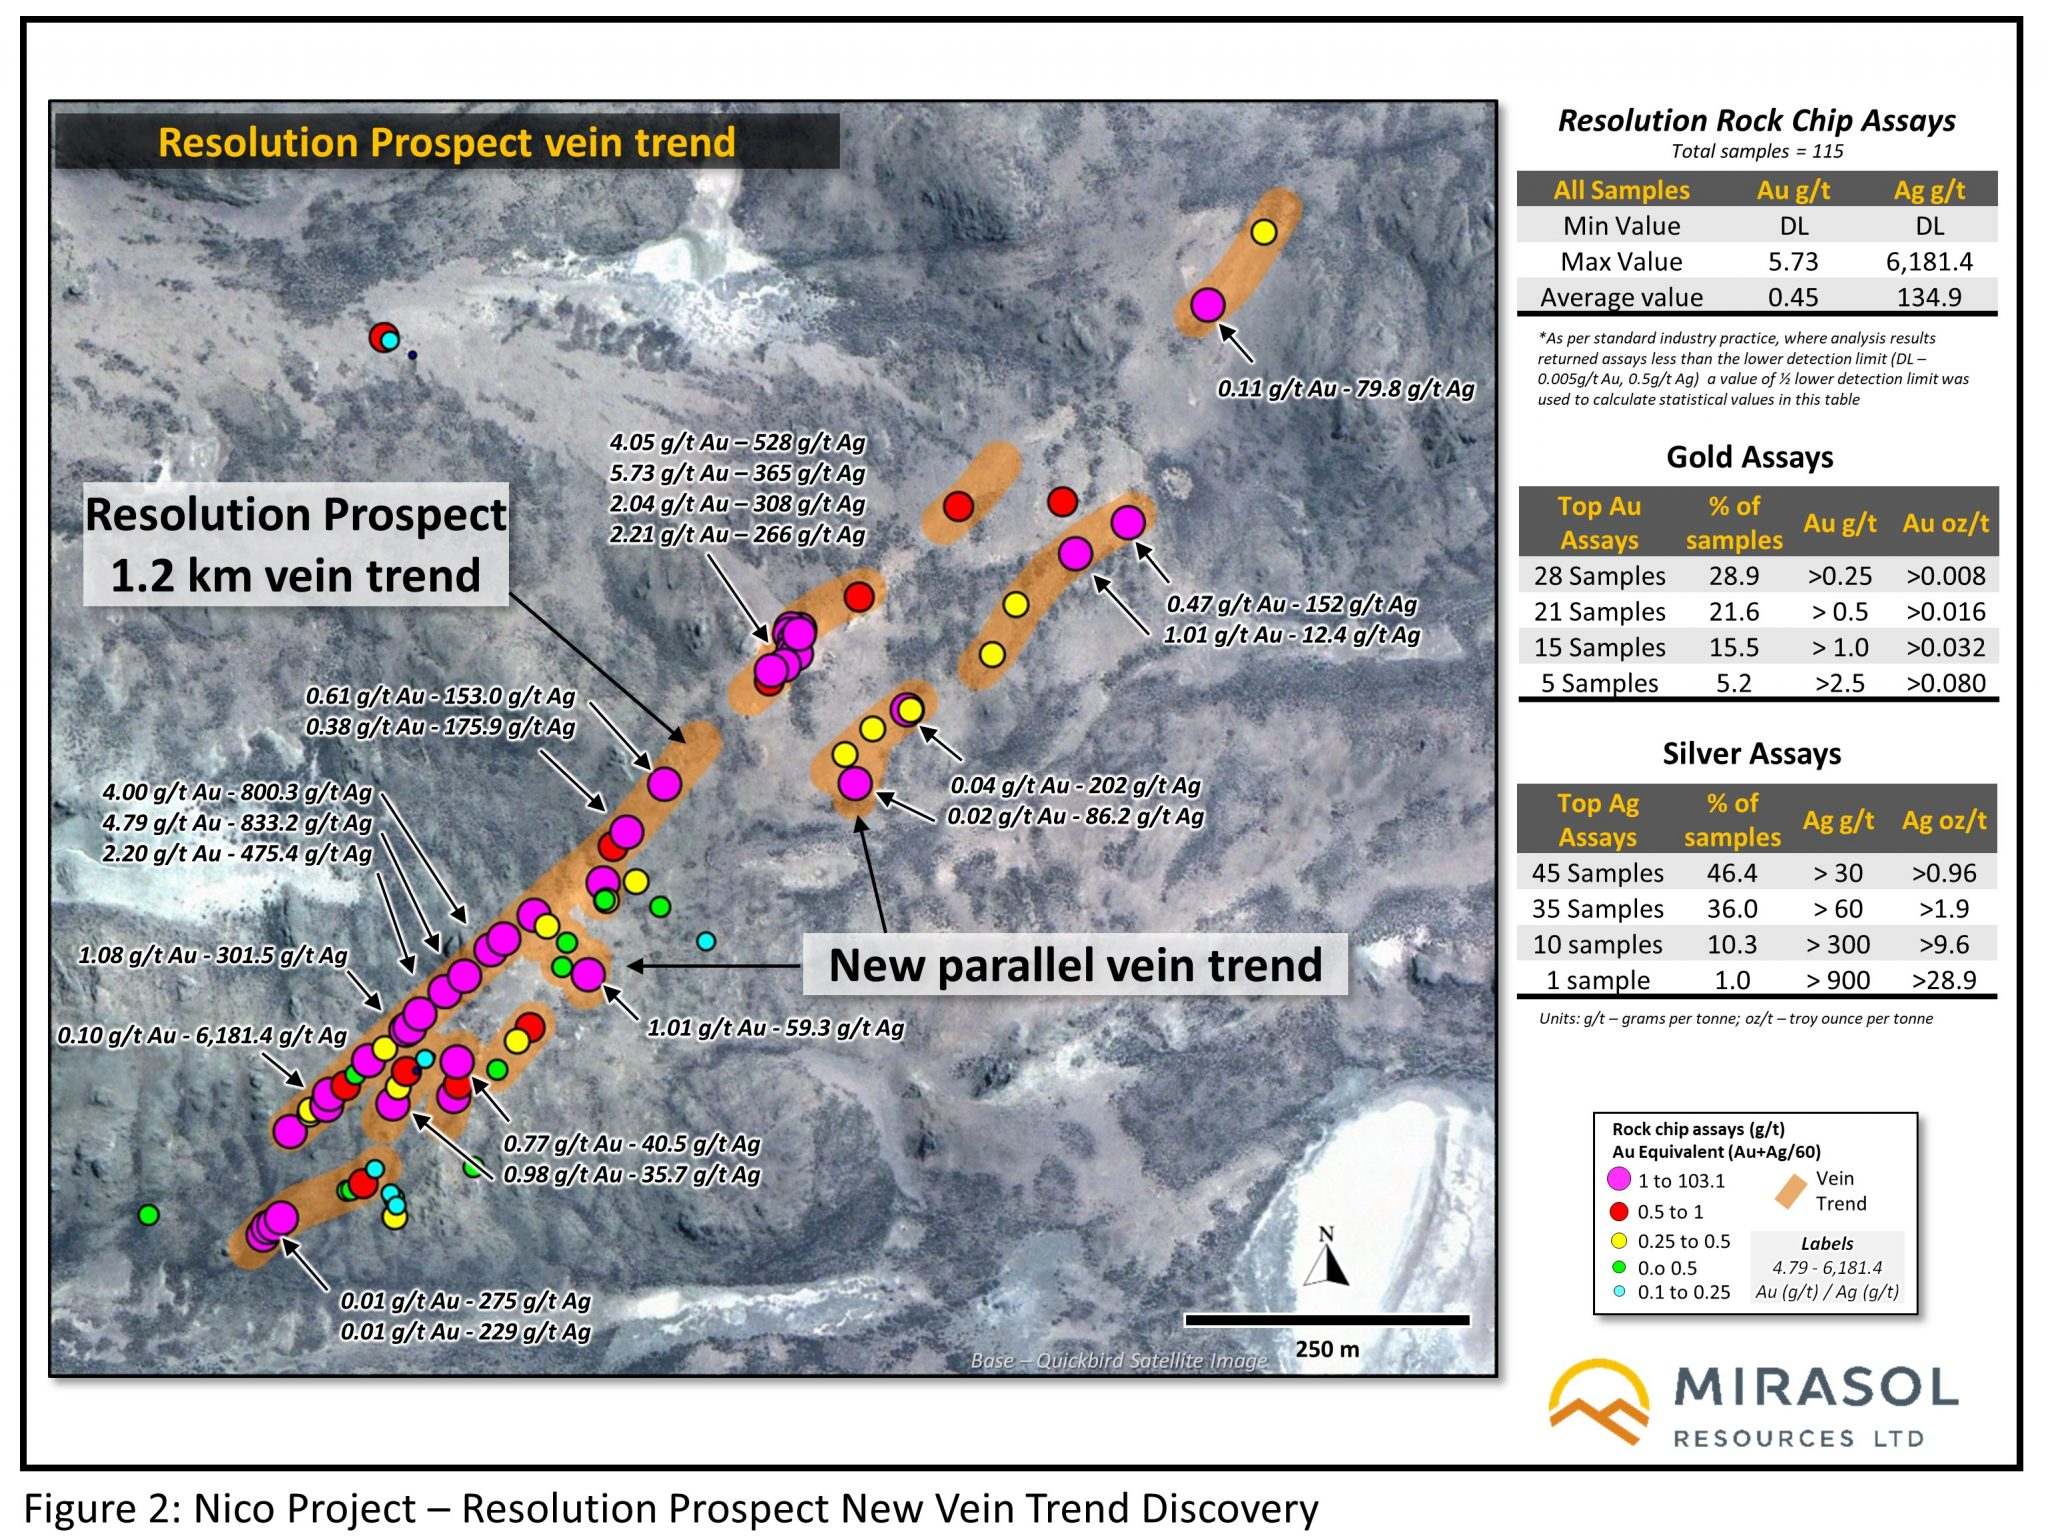 Mirasol Upgrades Resolution Trend and Identifies New Vittoria Vein ...